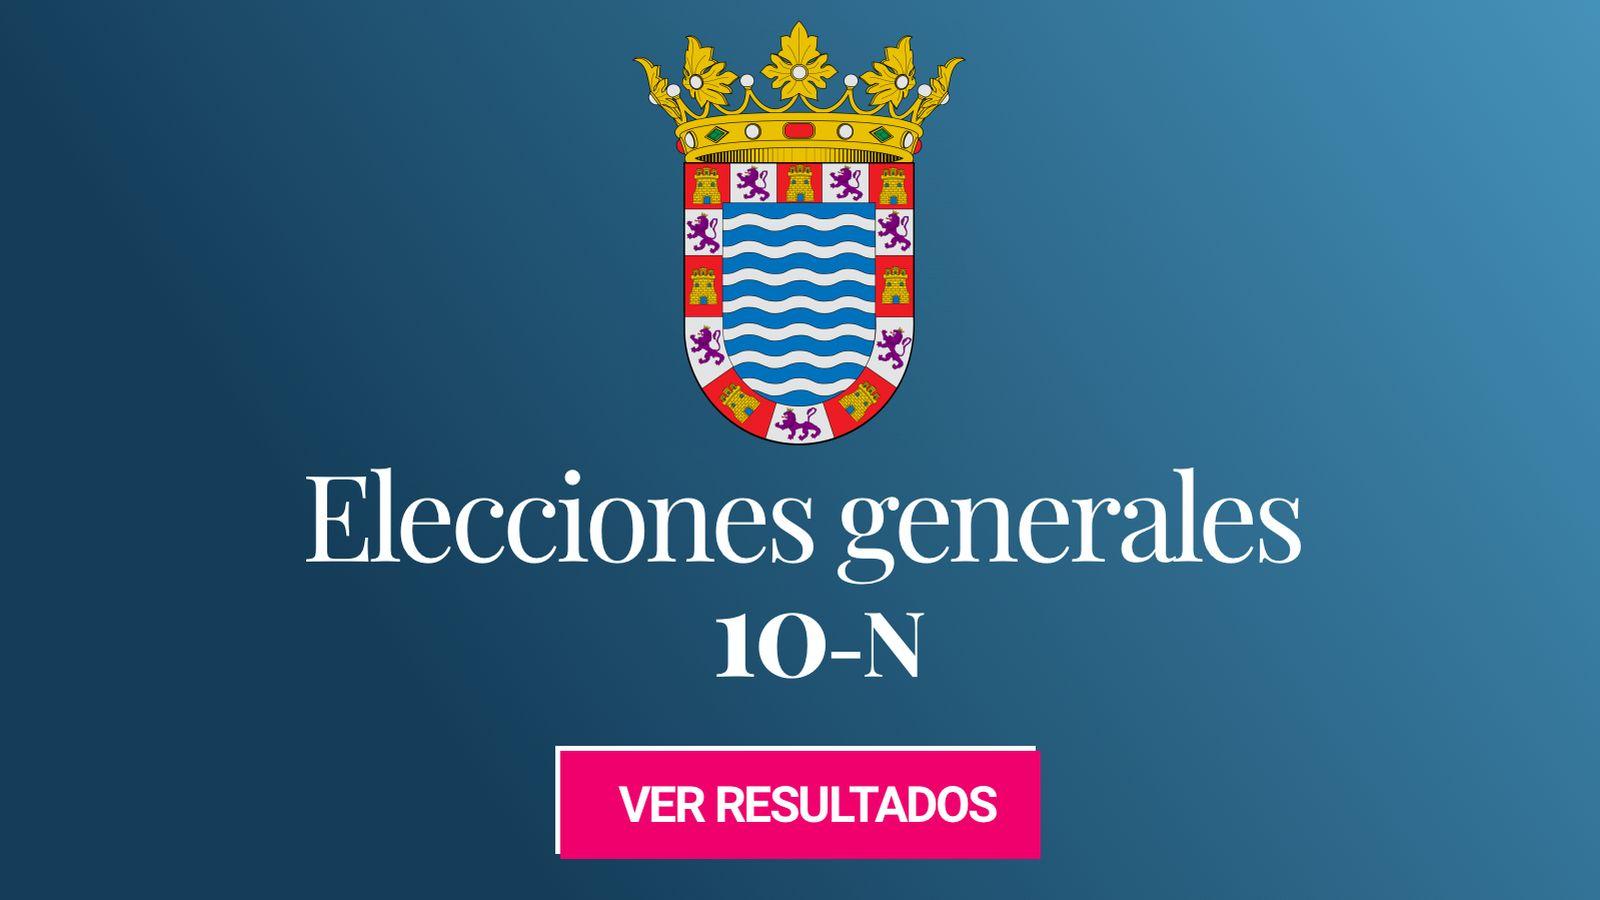 Foto: Elecciones generales 2019 en Jerez de la Frontera. (C.C./EC)